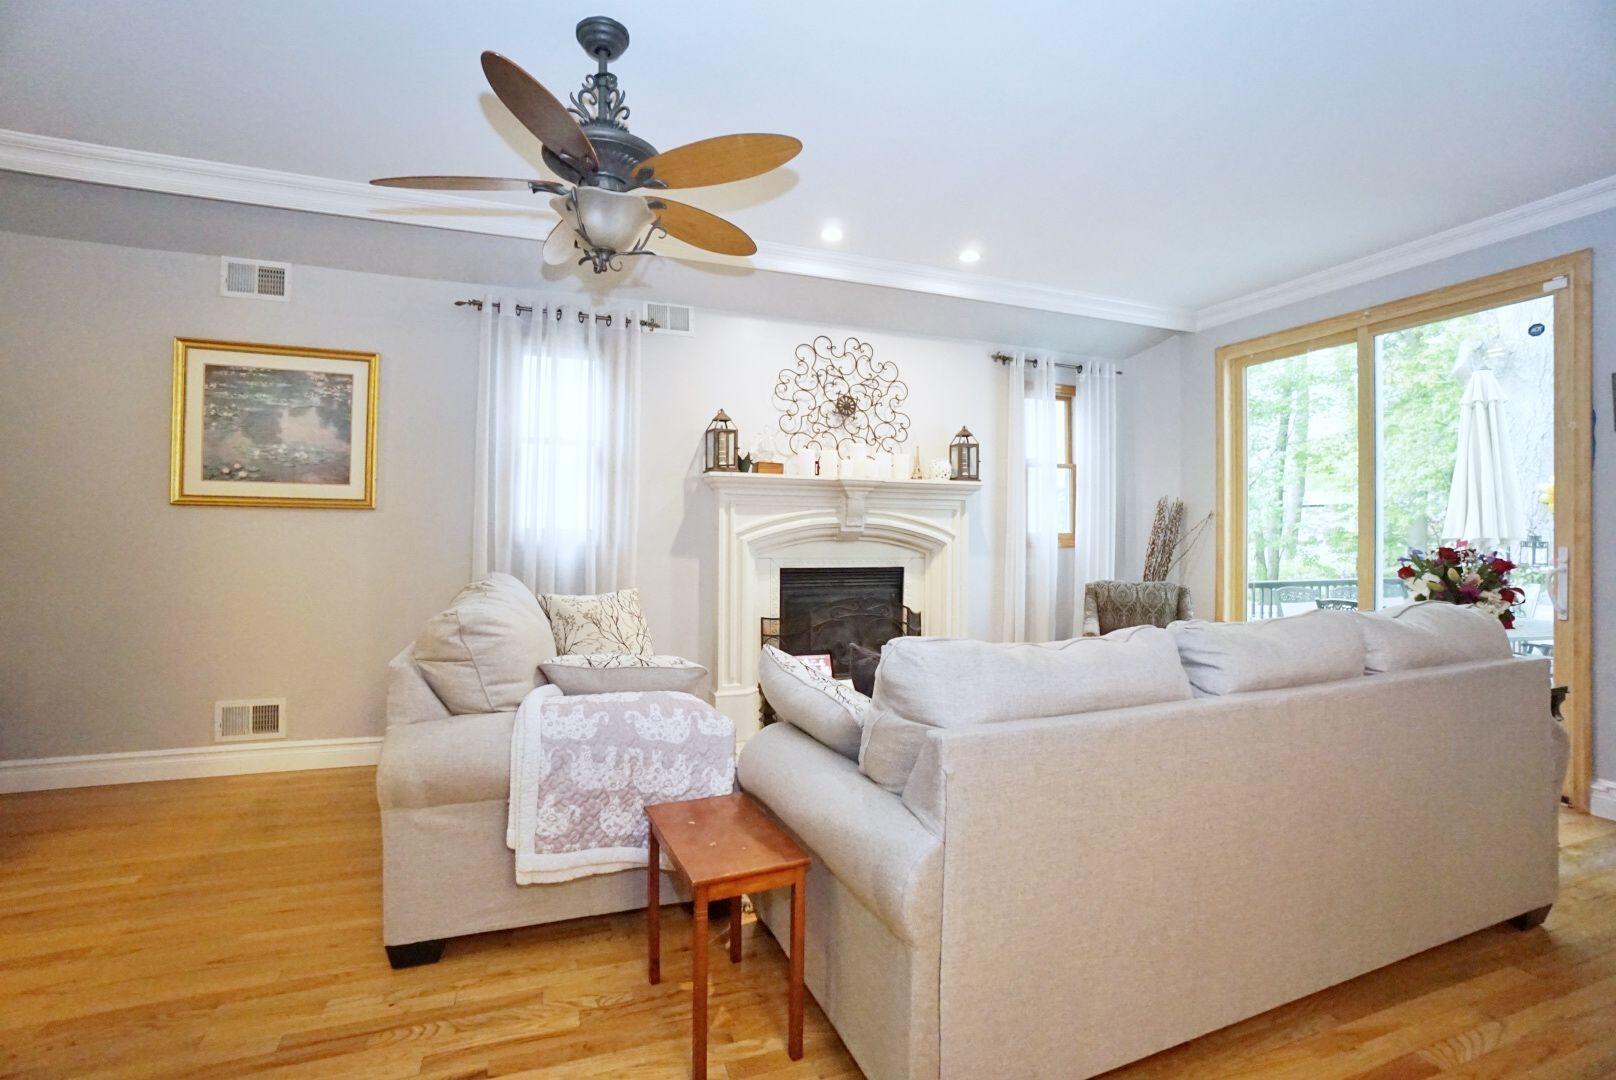 Single Family - Detached 311 Sharrott Avenue  Staten Island, NY 10309, MLS-1146042-14